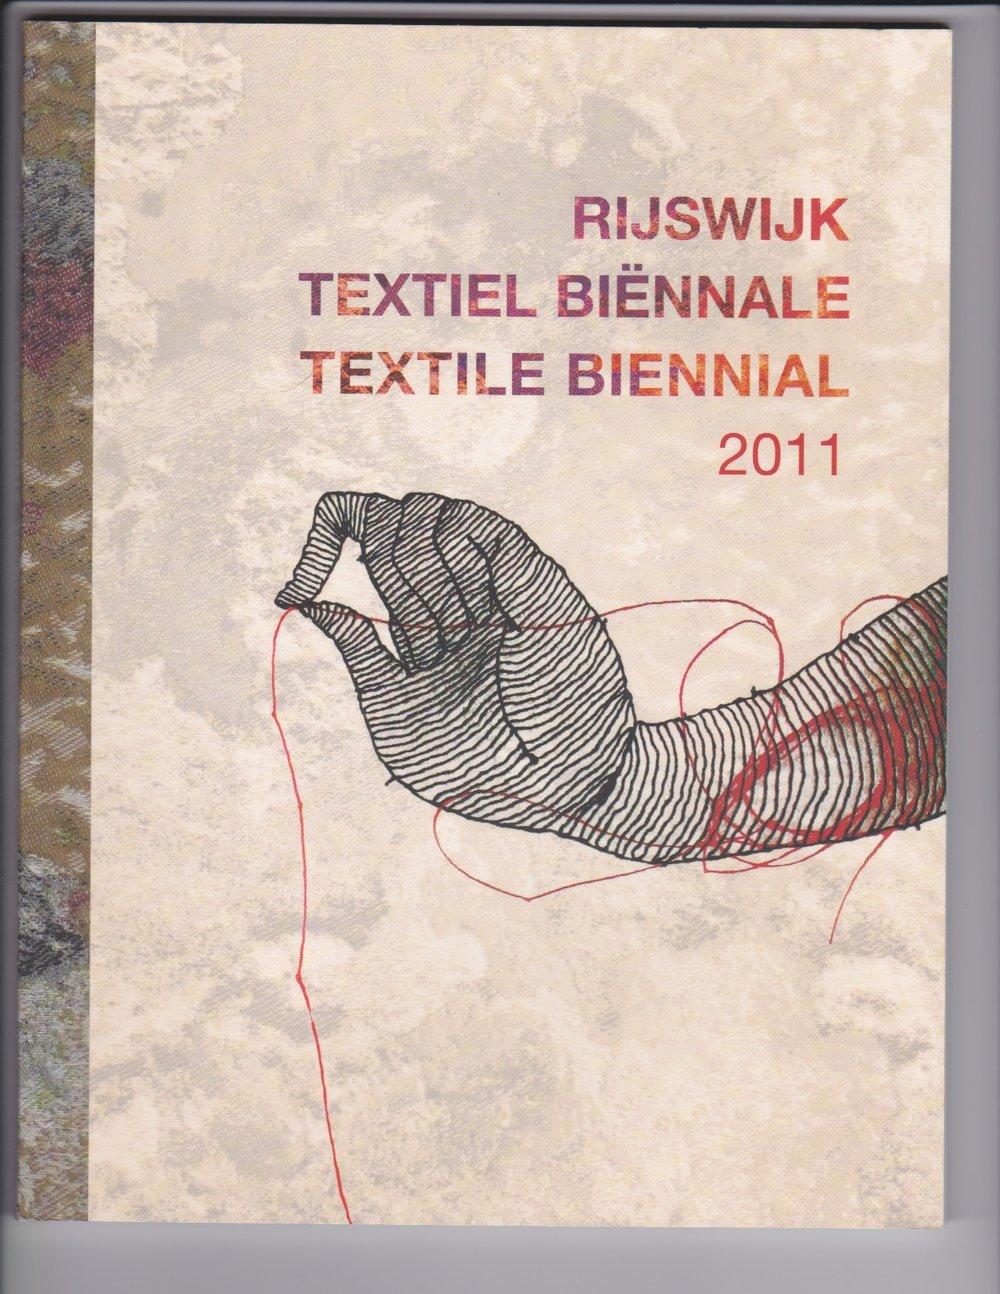 Textile Biennial cover.jpeg